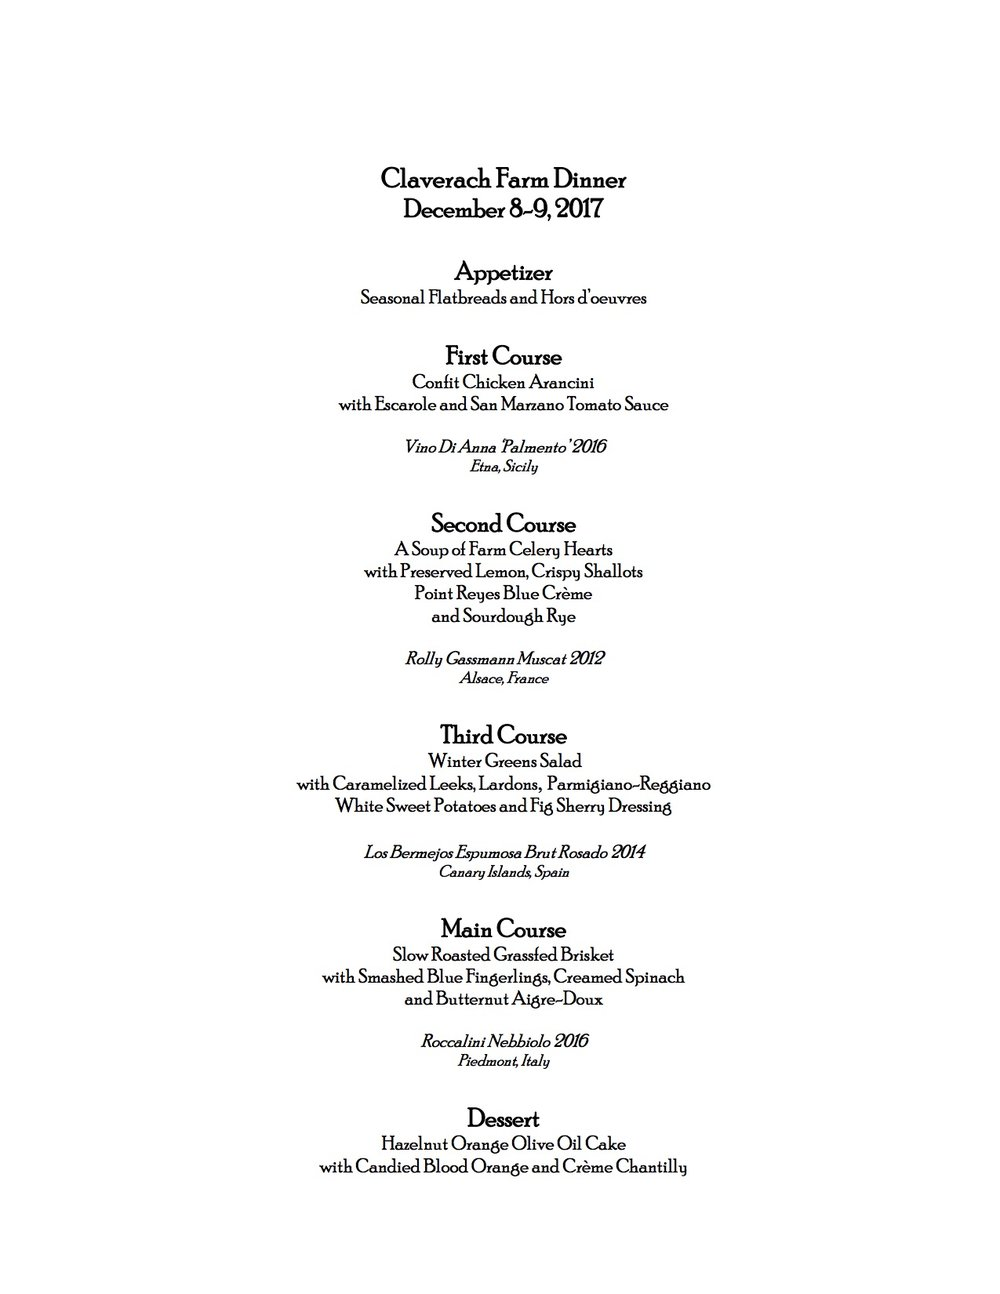 December 8-9 Farm Dinner Menu.jpg